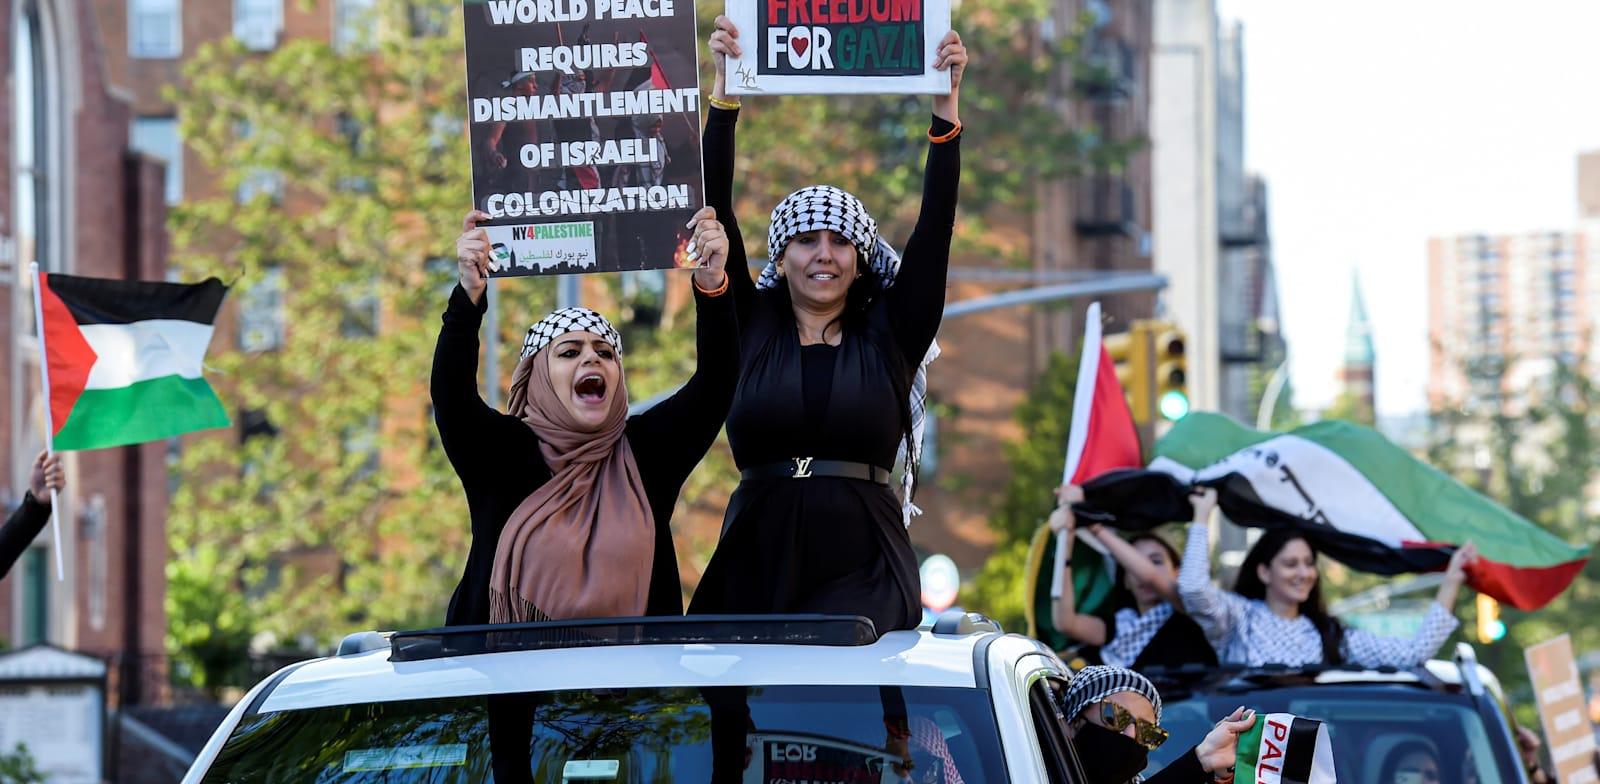 הפגנה בניו יורק בעד הפלסטינים. ישראל ויתרה על הצורך להסתגל למציאות / צילום: Reuters, Rashid Umar Abbasi